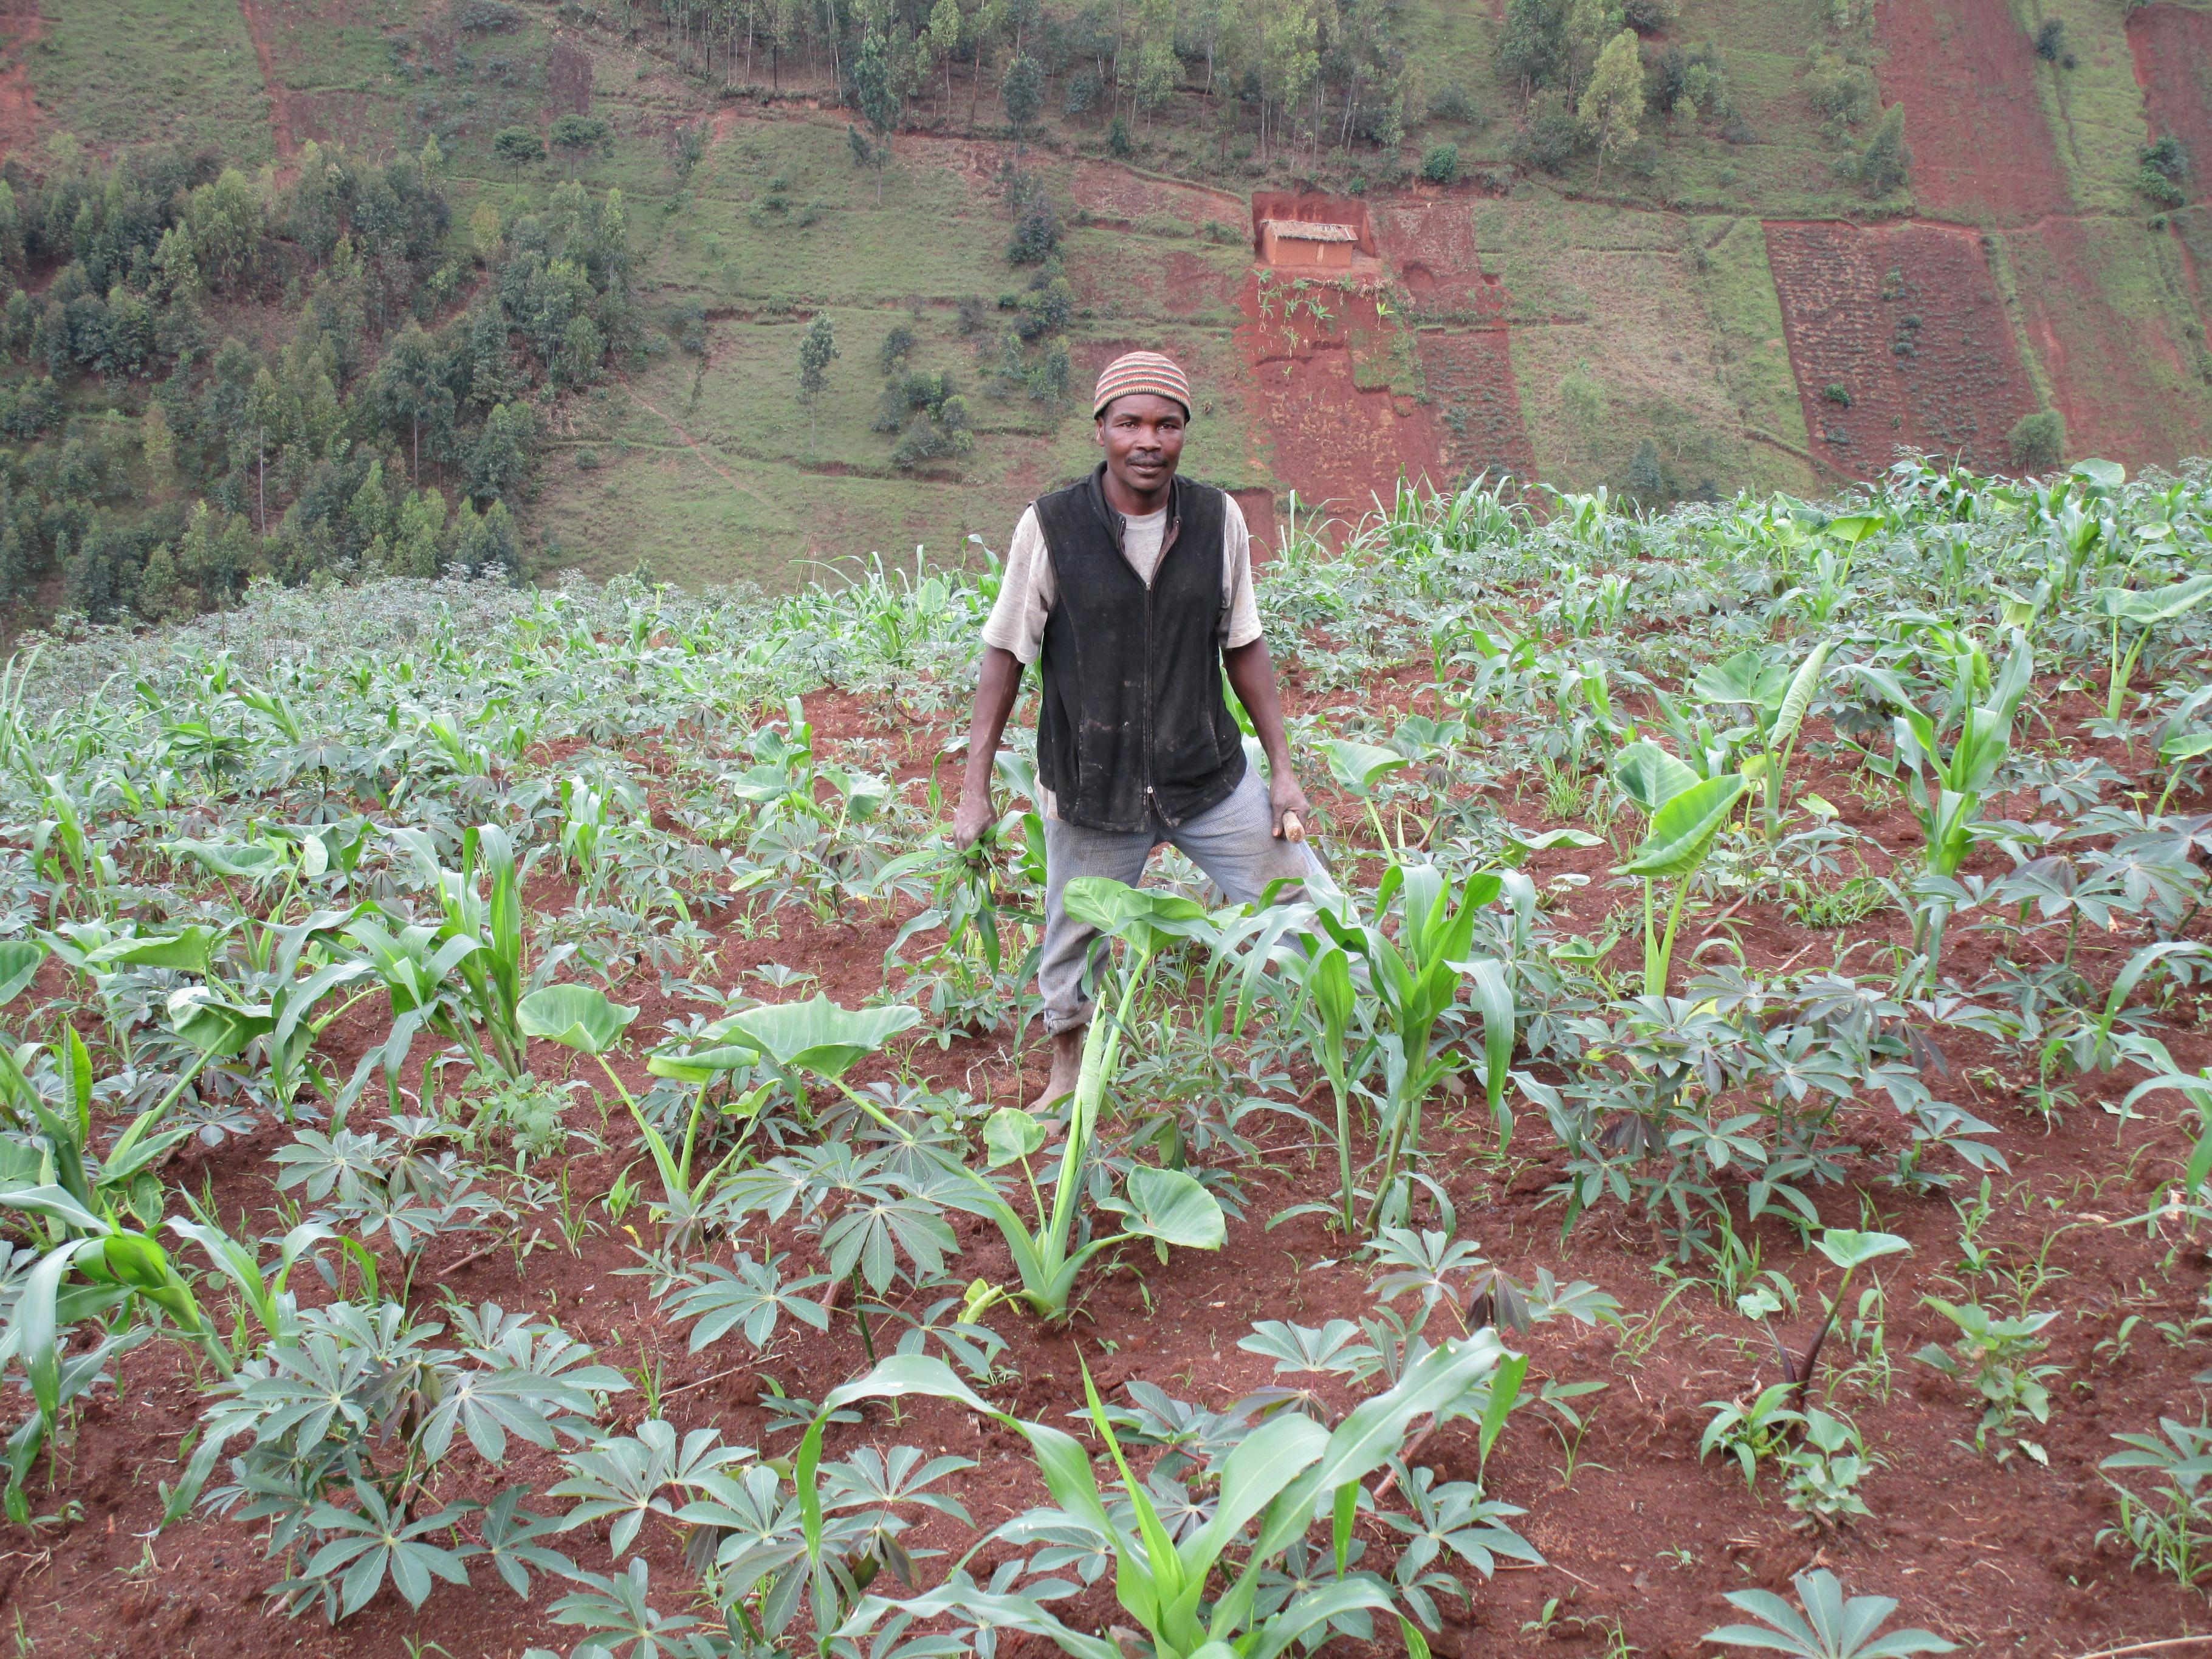 EIn burundischer Bauer auf seinem Feld